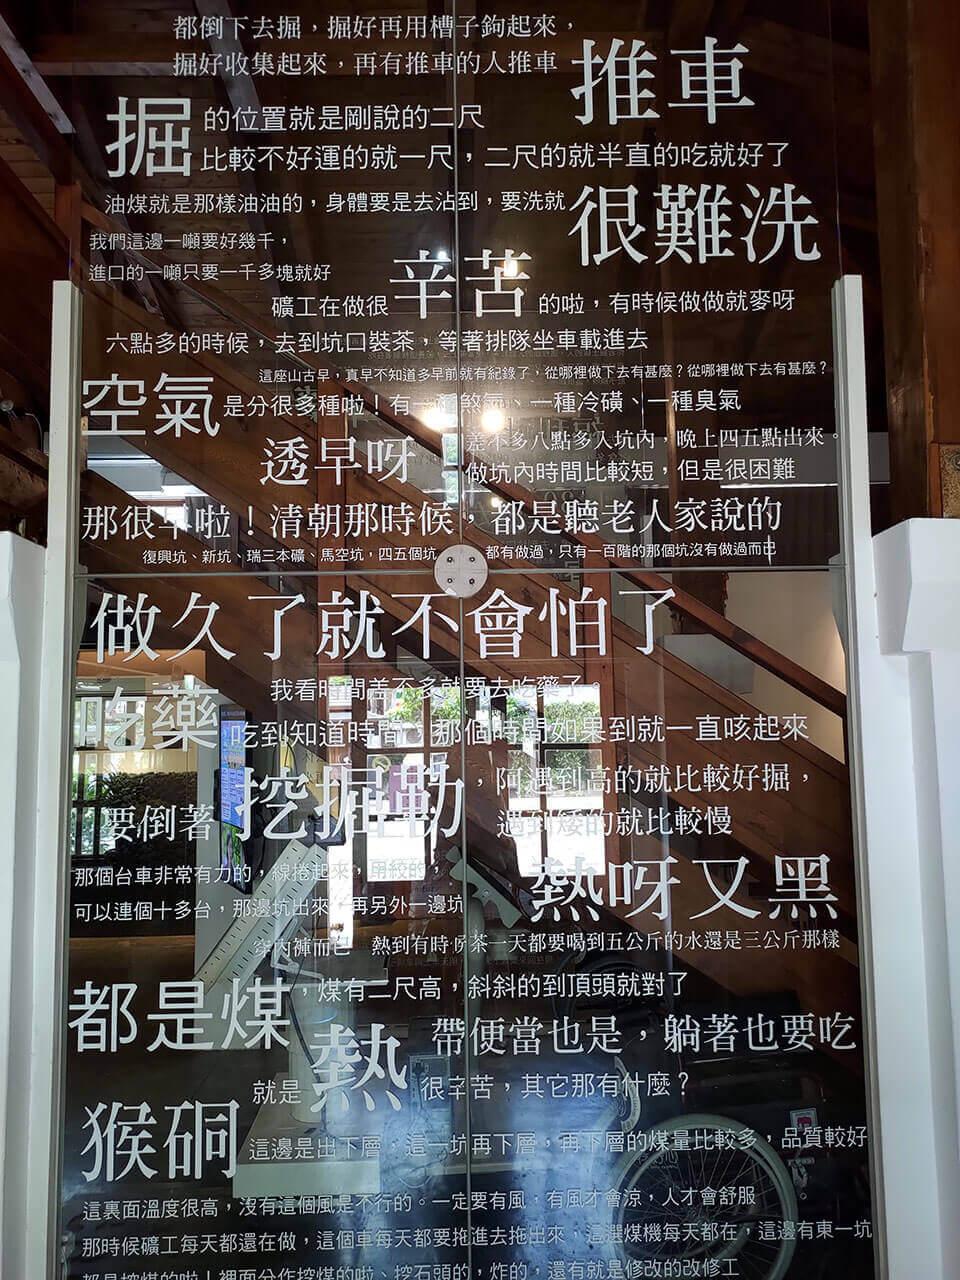 平溪一日遊:礦工紀念館